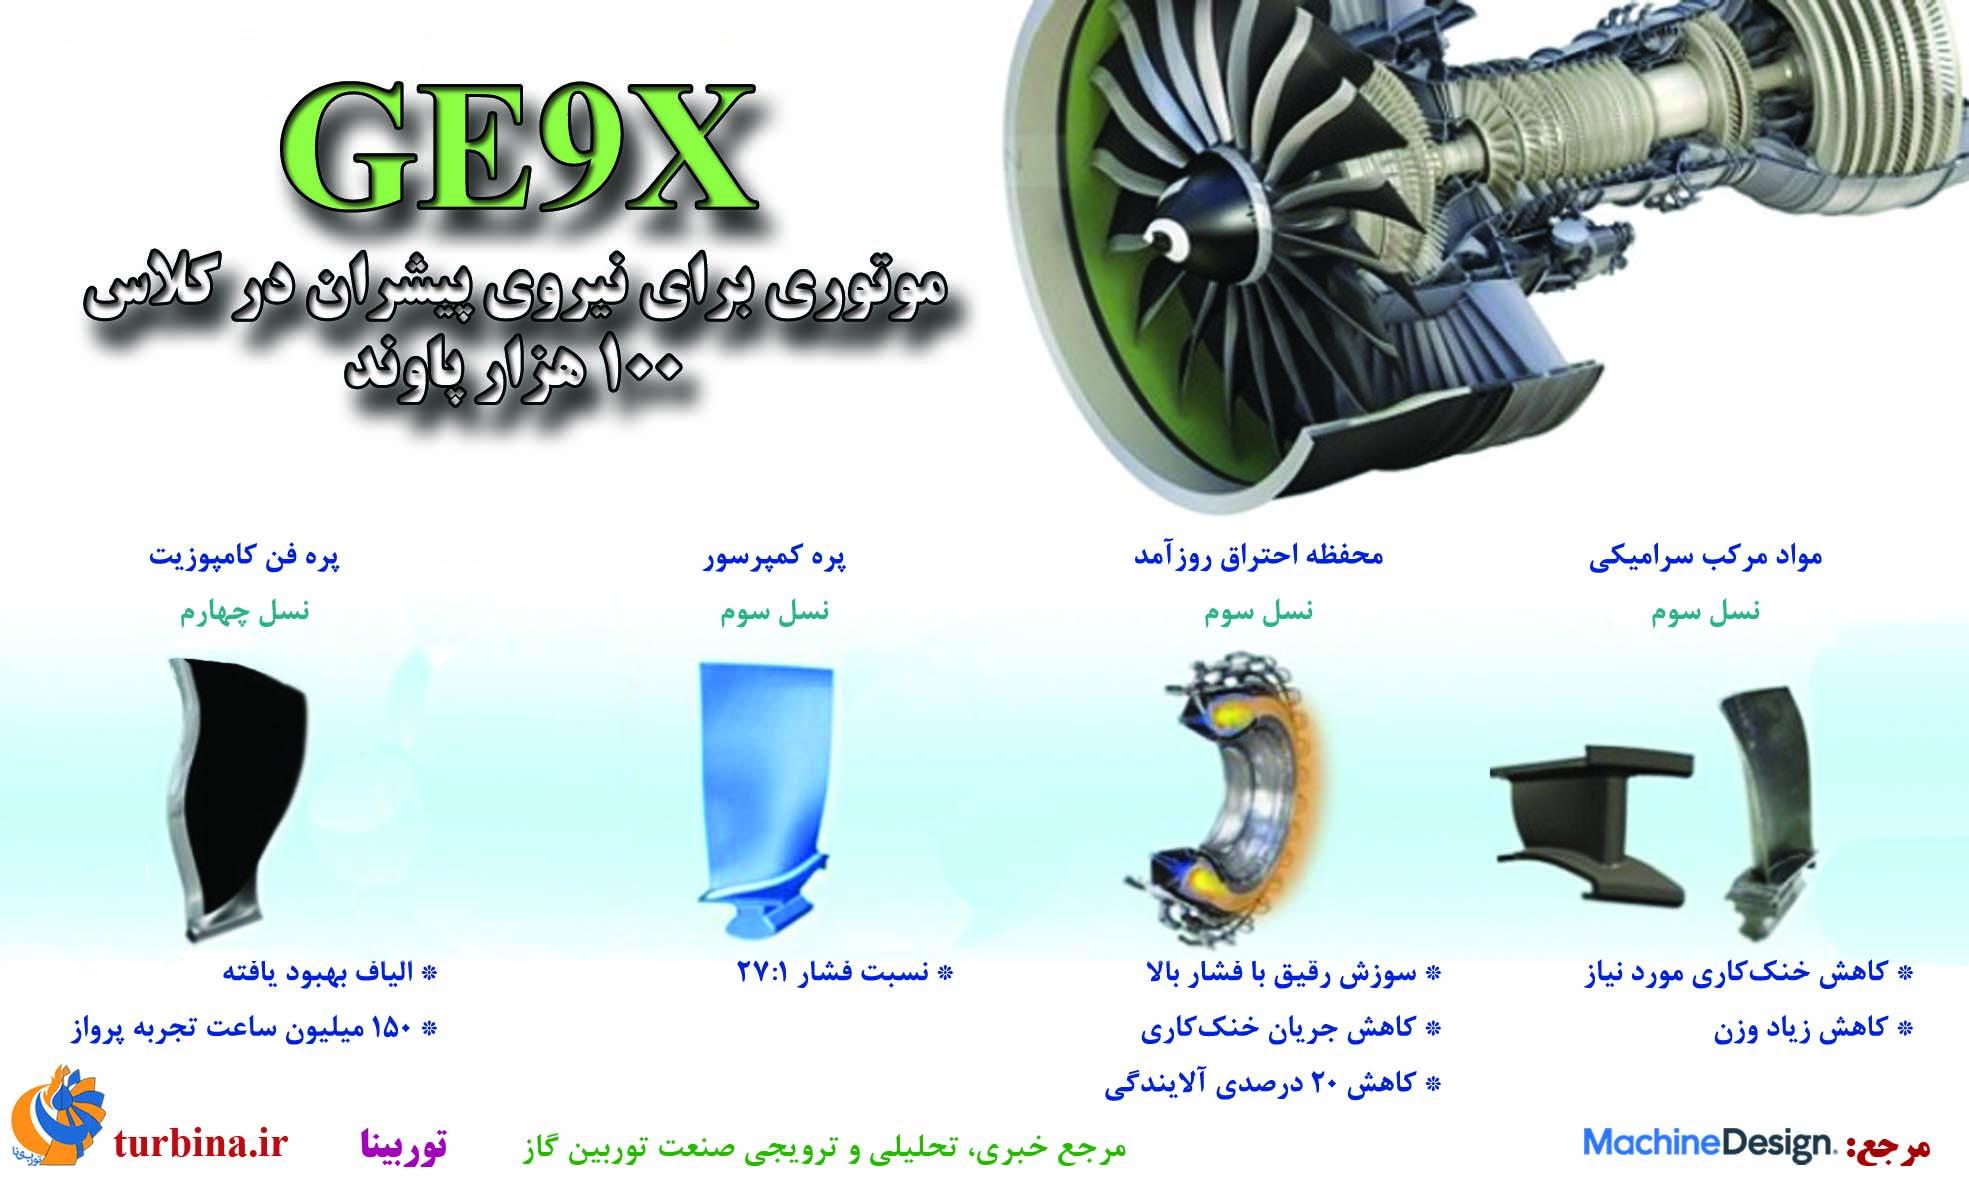 GE9X موتوری برای نیروی پیشران در کلاس 100 هزار پاوند